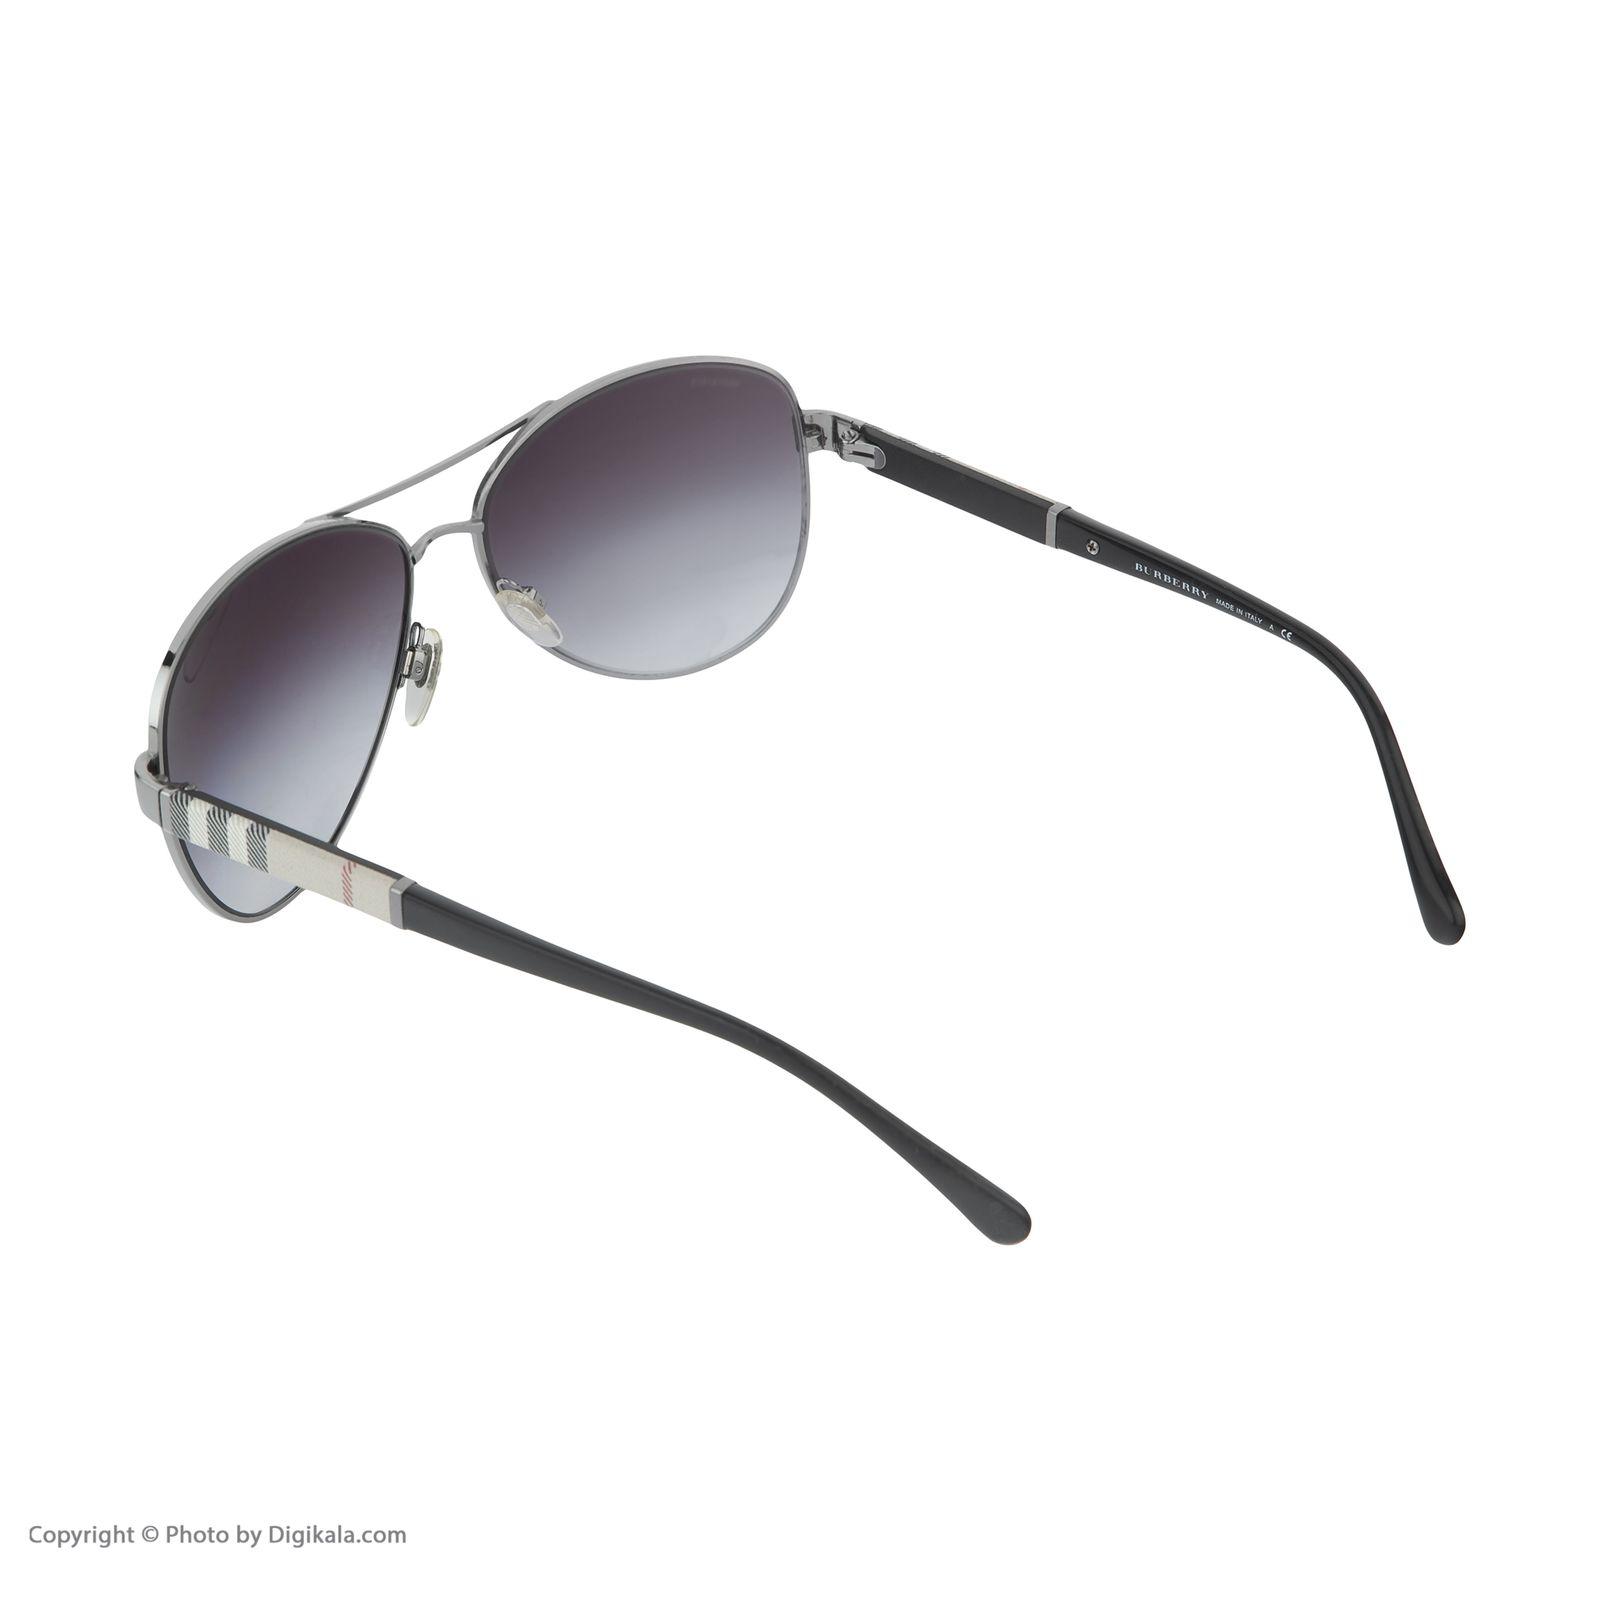 عینک آفتابی مردانه بربری مدل BE 3080S 10038G 59 -  - 5